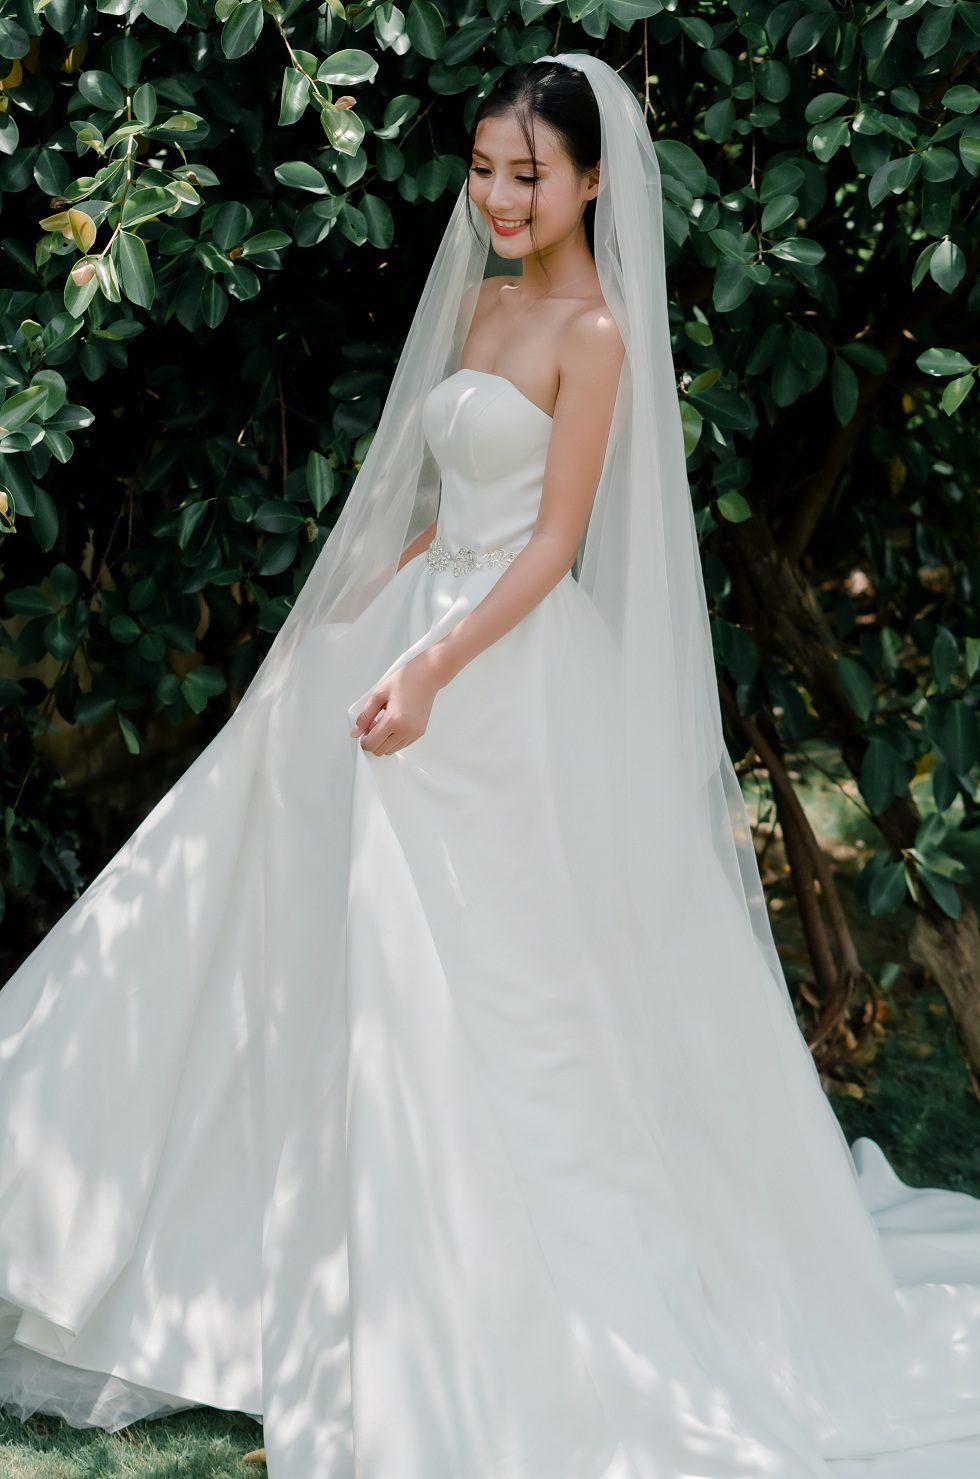 11 mẫu Áo cưới đẹp nhất được nhiều người lựa chọn năm 2018